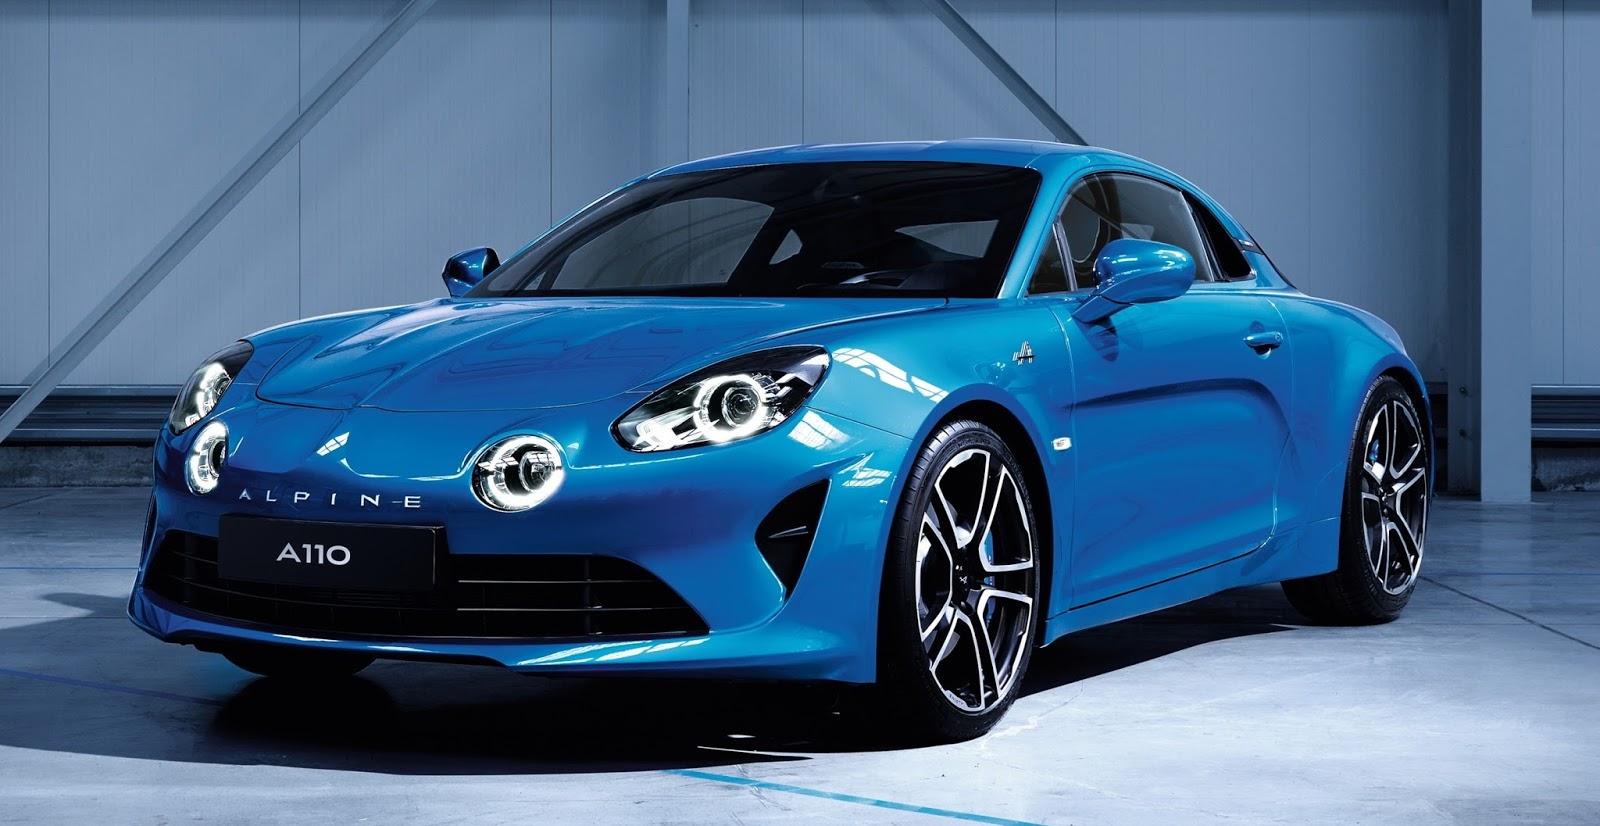 Renault revela primeiras imagens do aguardado esportivo Alpine A110 para o Salão de Genebra